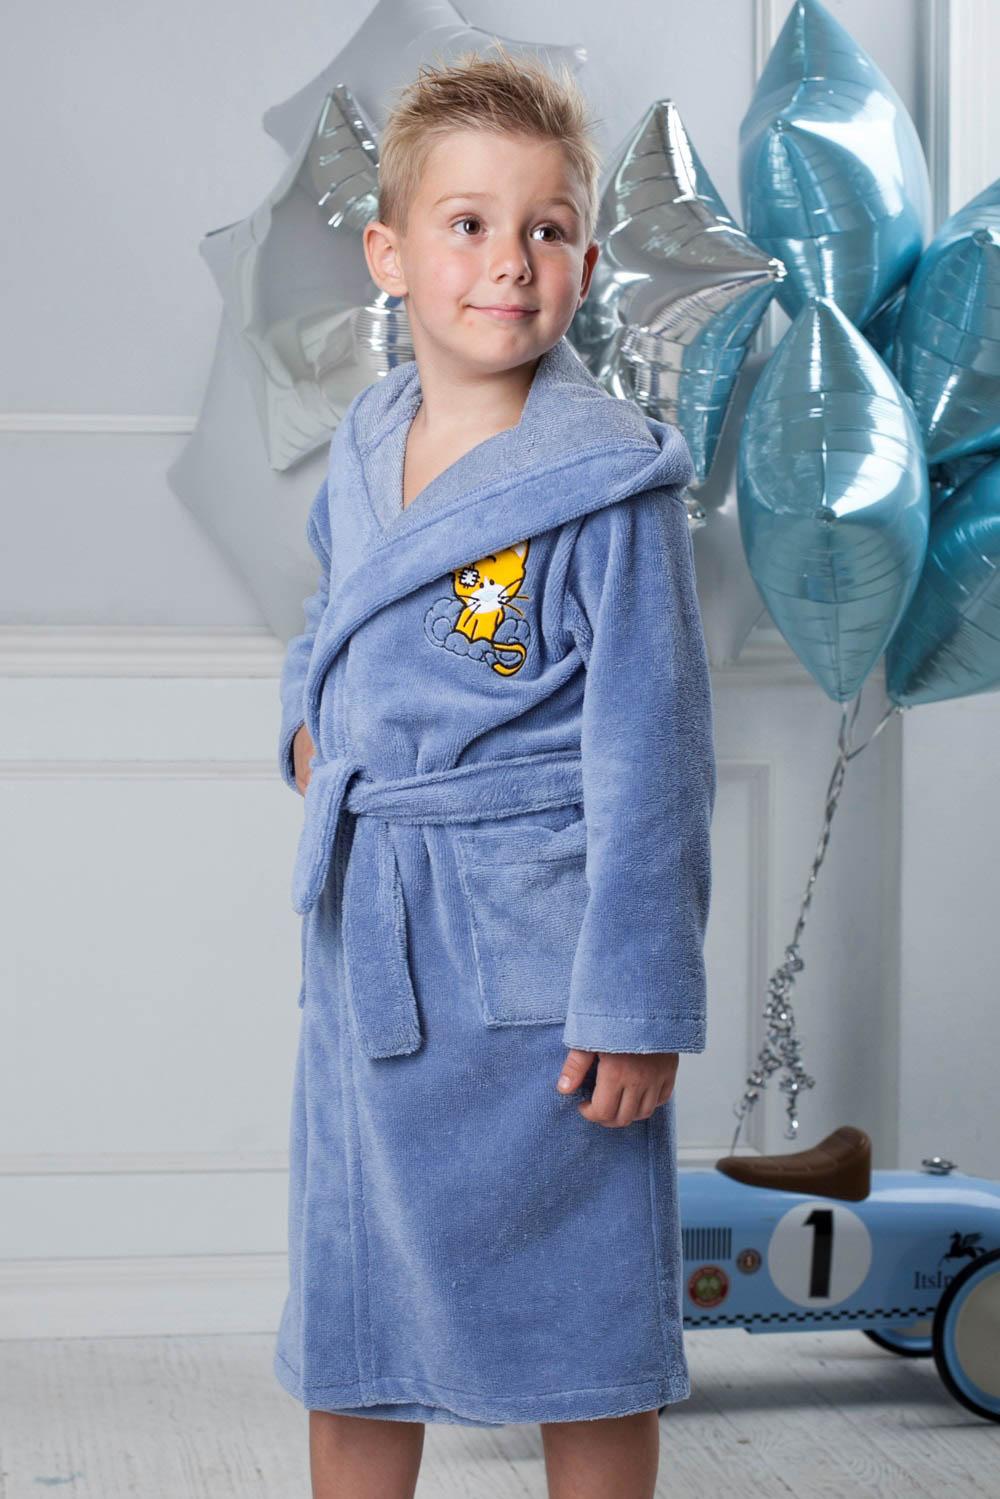 Детские халаты Five Wien Детский халат Малыш Цвет: Голубой (4-6 лет) халаты домашние лори халат